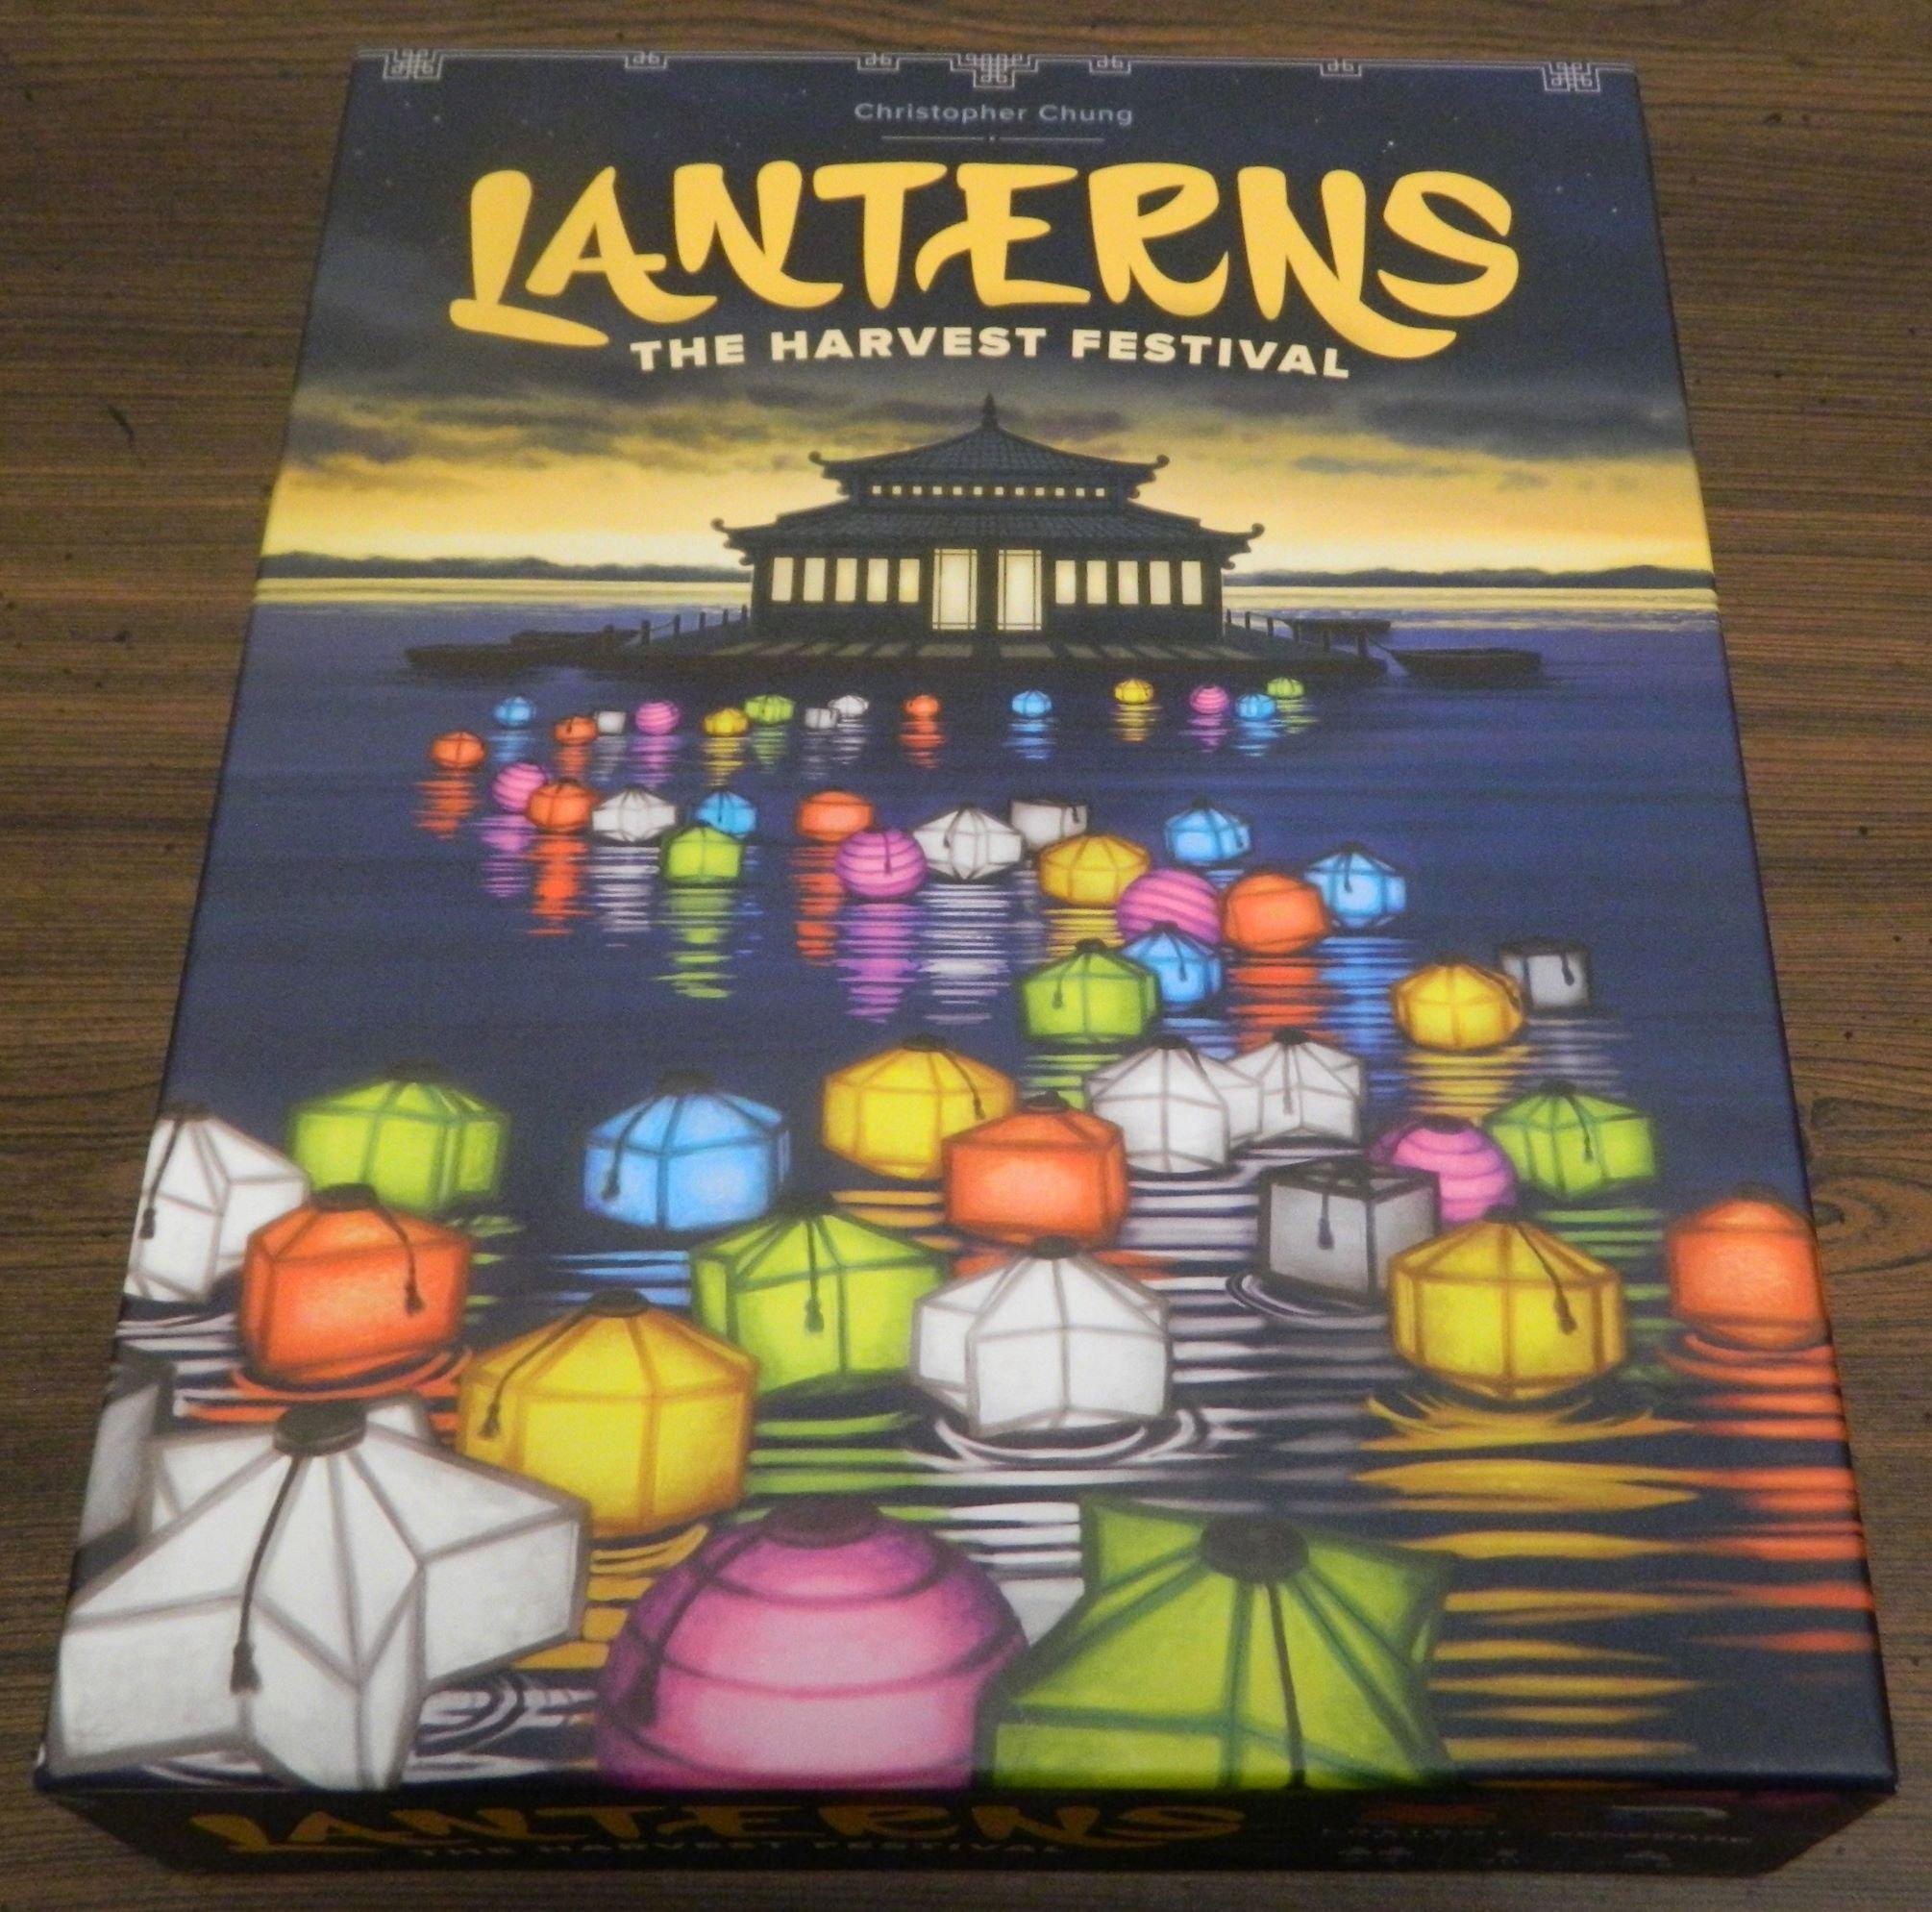 Box for Lanterns The Harvest Festival